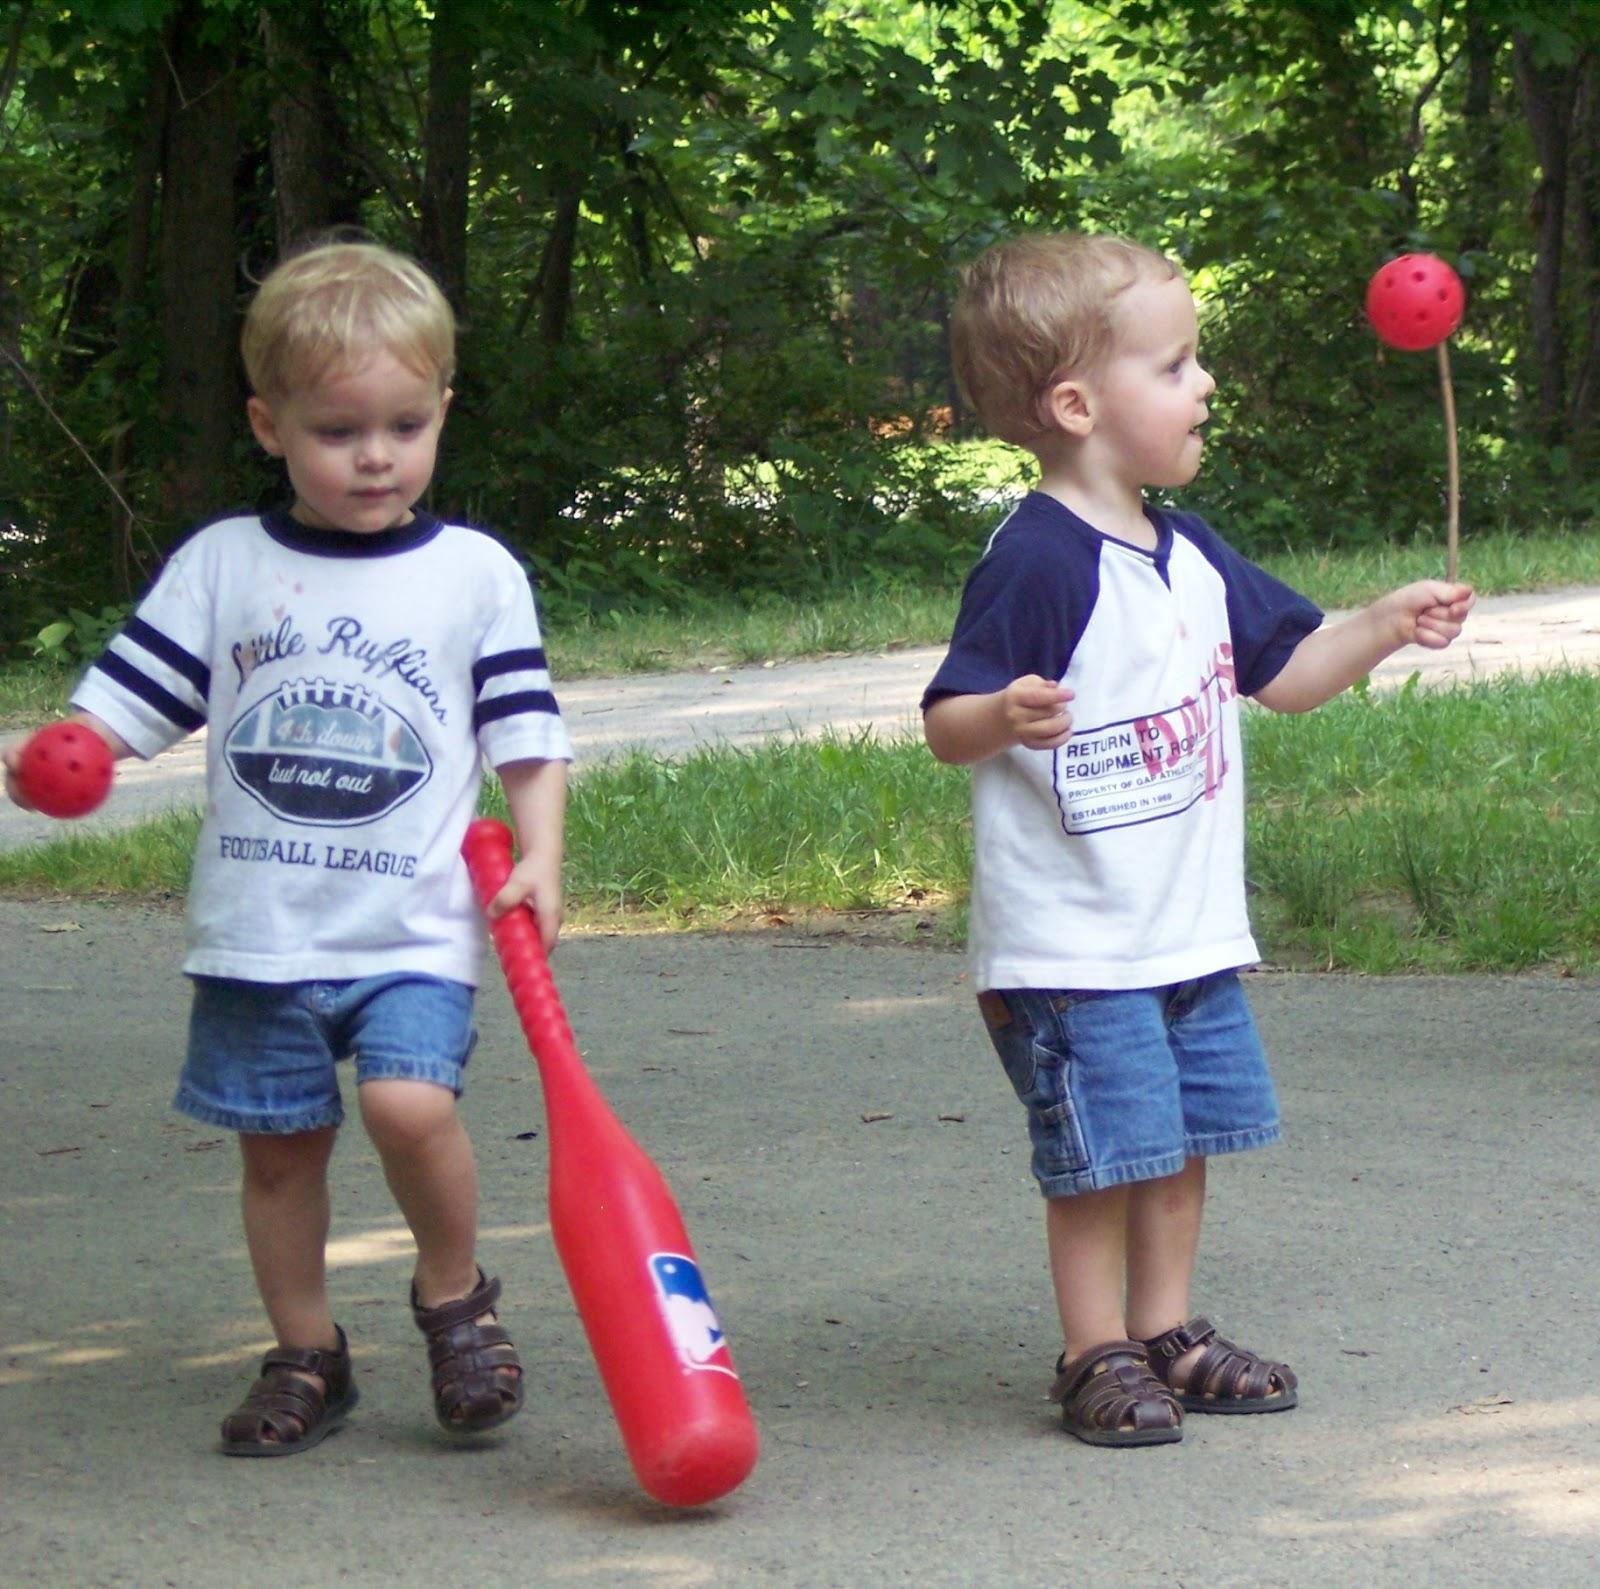 http://4.bp.blogspot.com/-AEAuY9xASLI/T5bNcC2tsEI/AAAAAAAAAbU/2BDFgASd7vE/s1600/baseballfirst.jpg